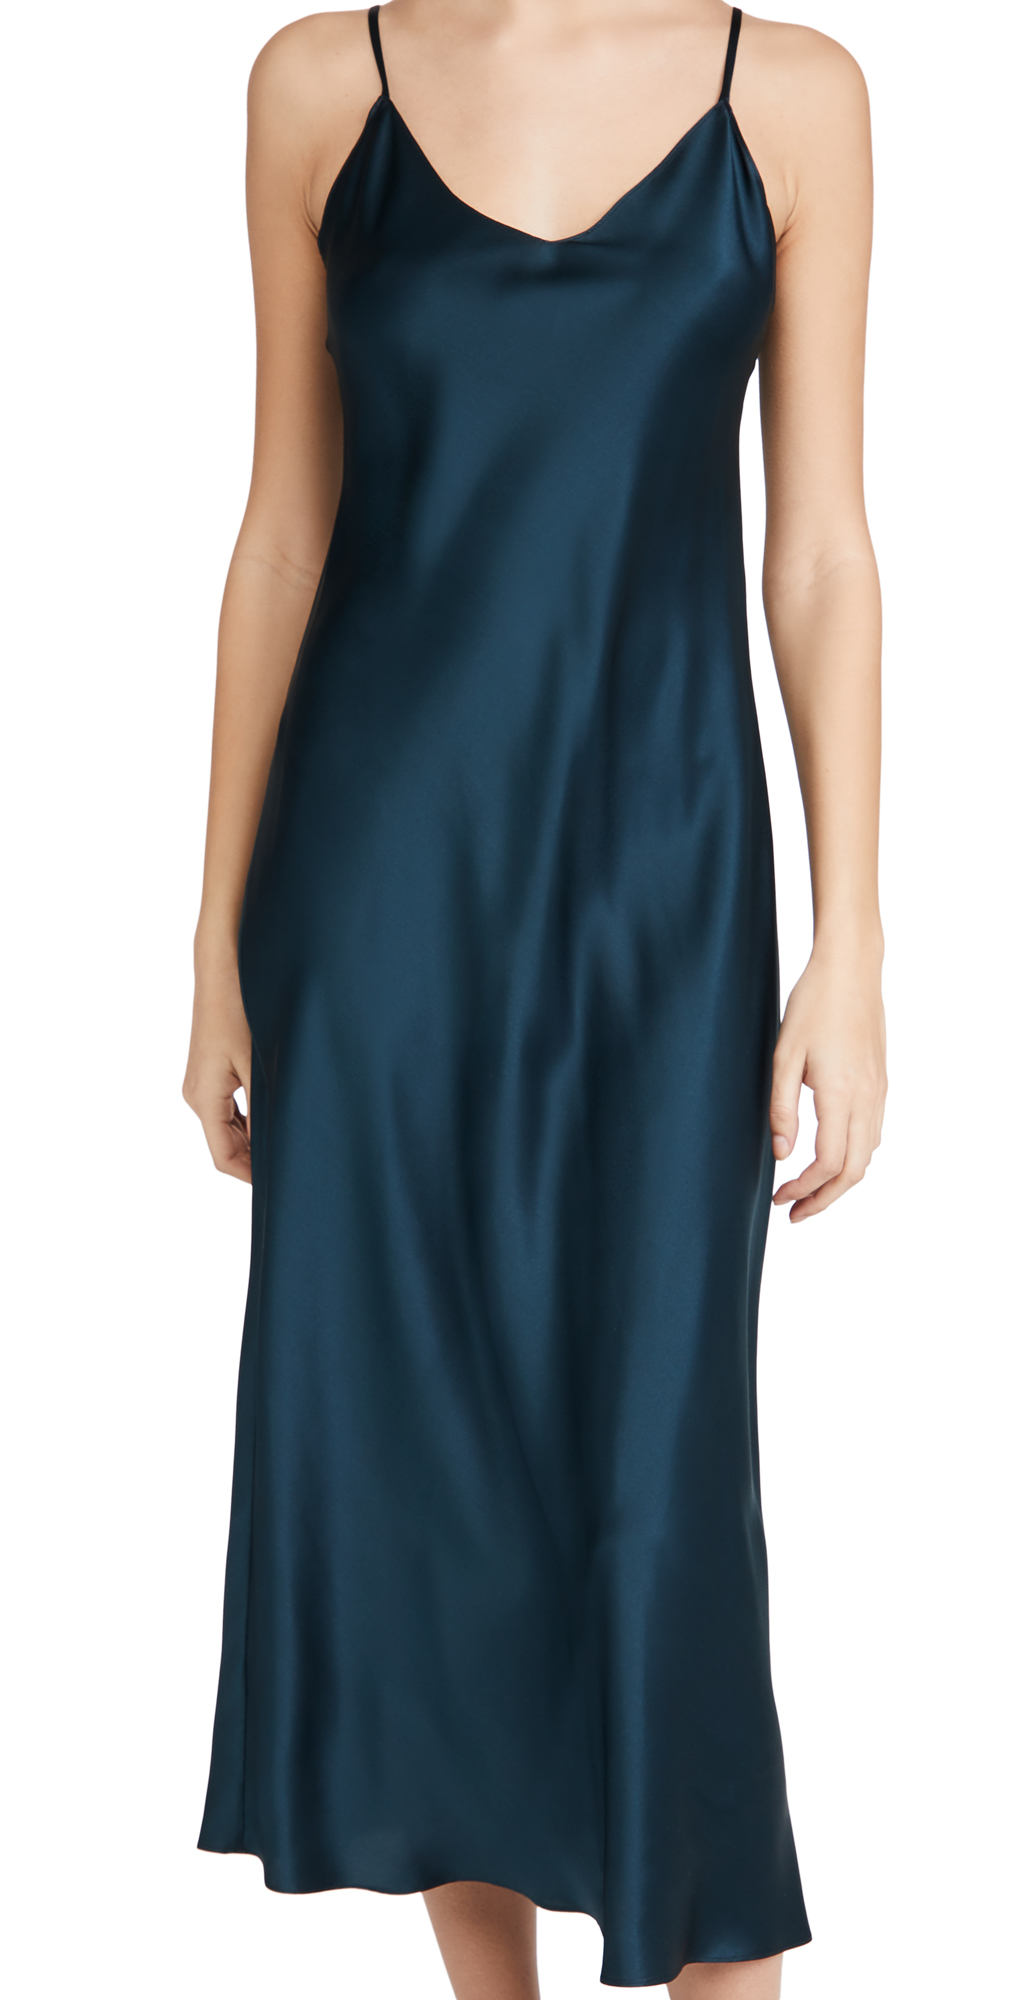 Sablyn Taylor V Neck Cami Dress